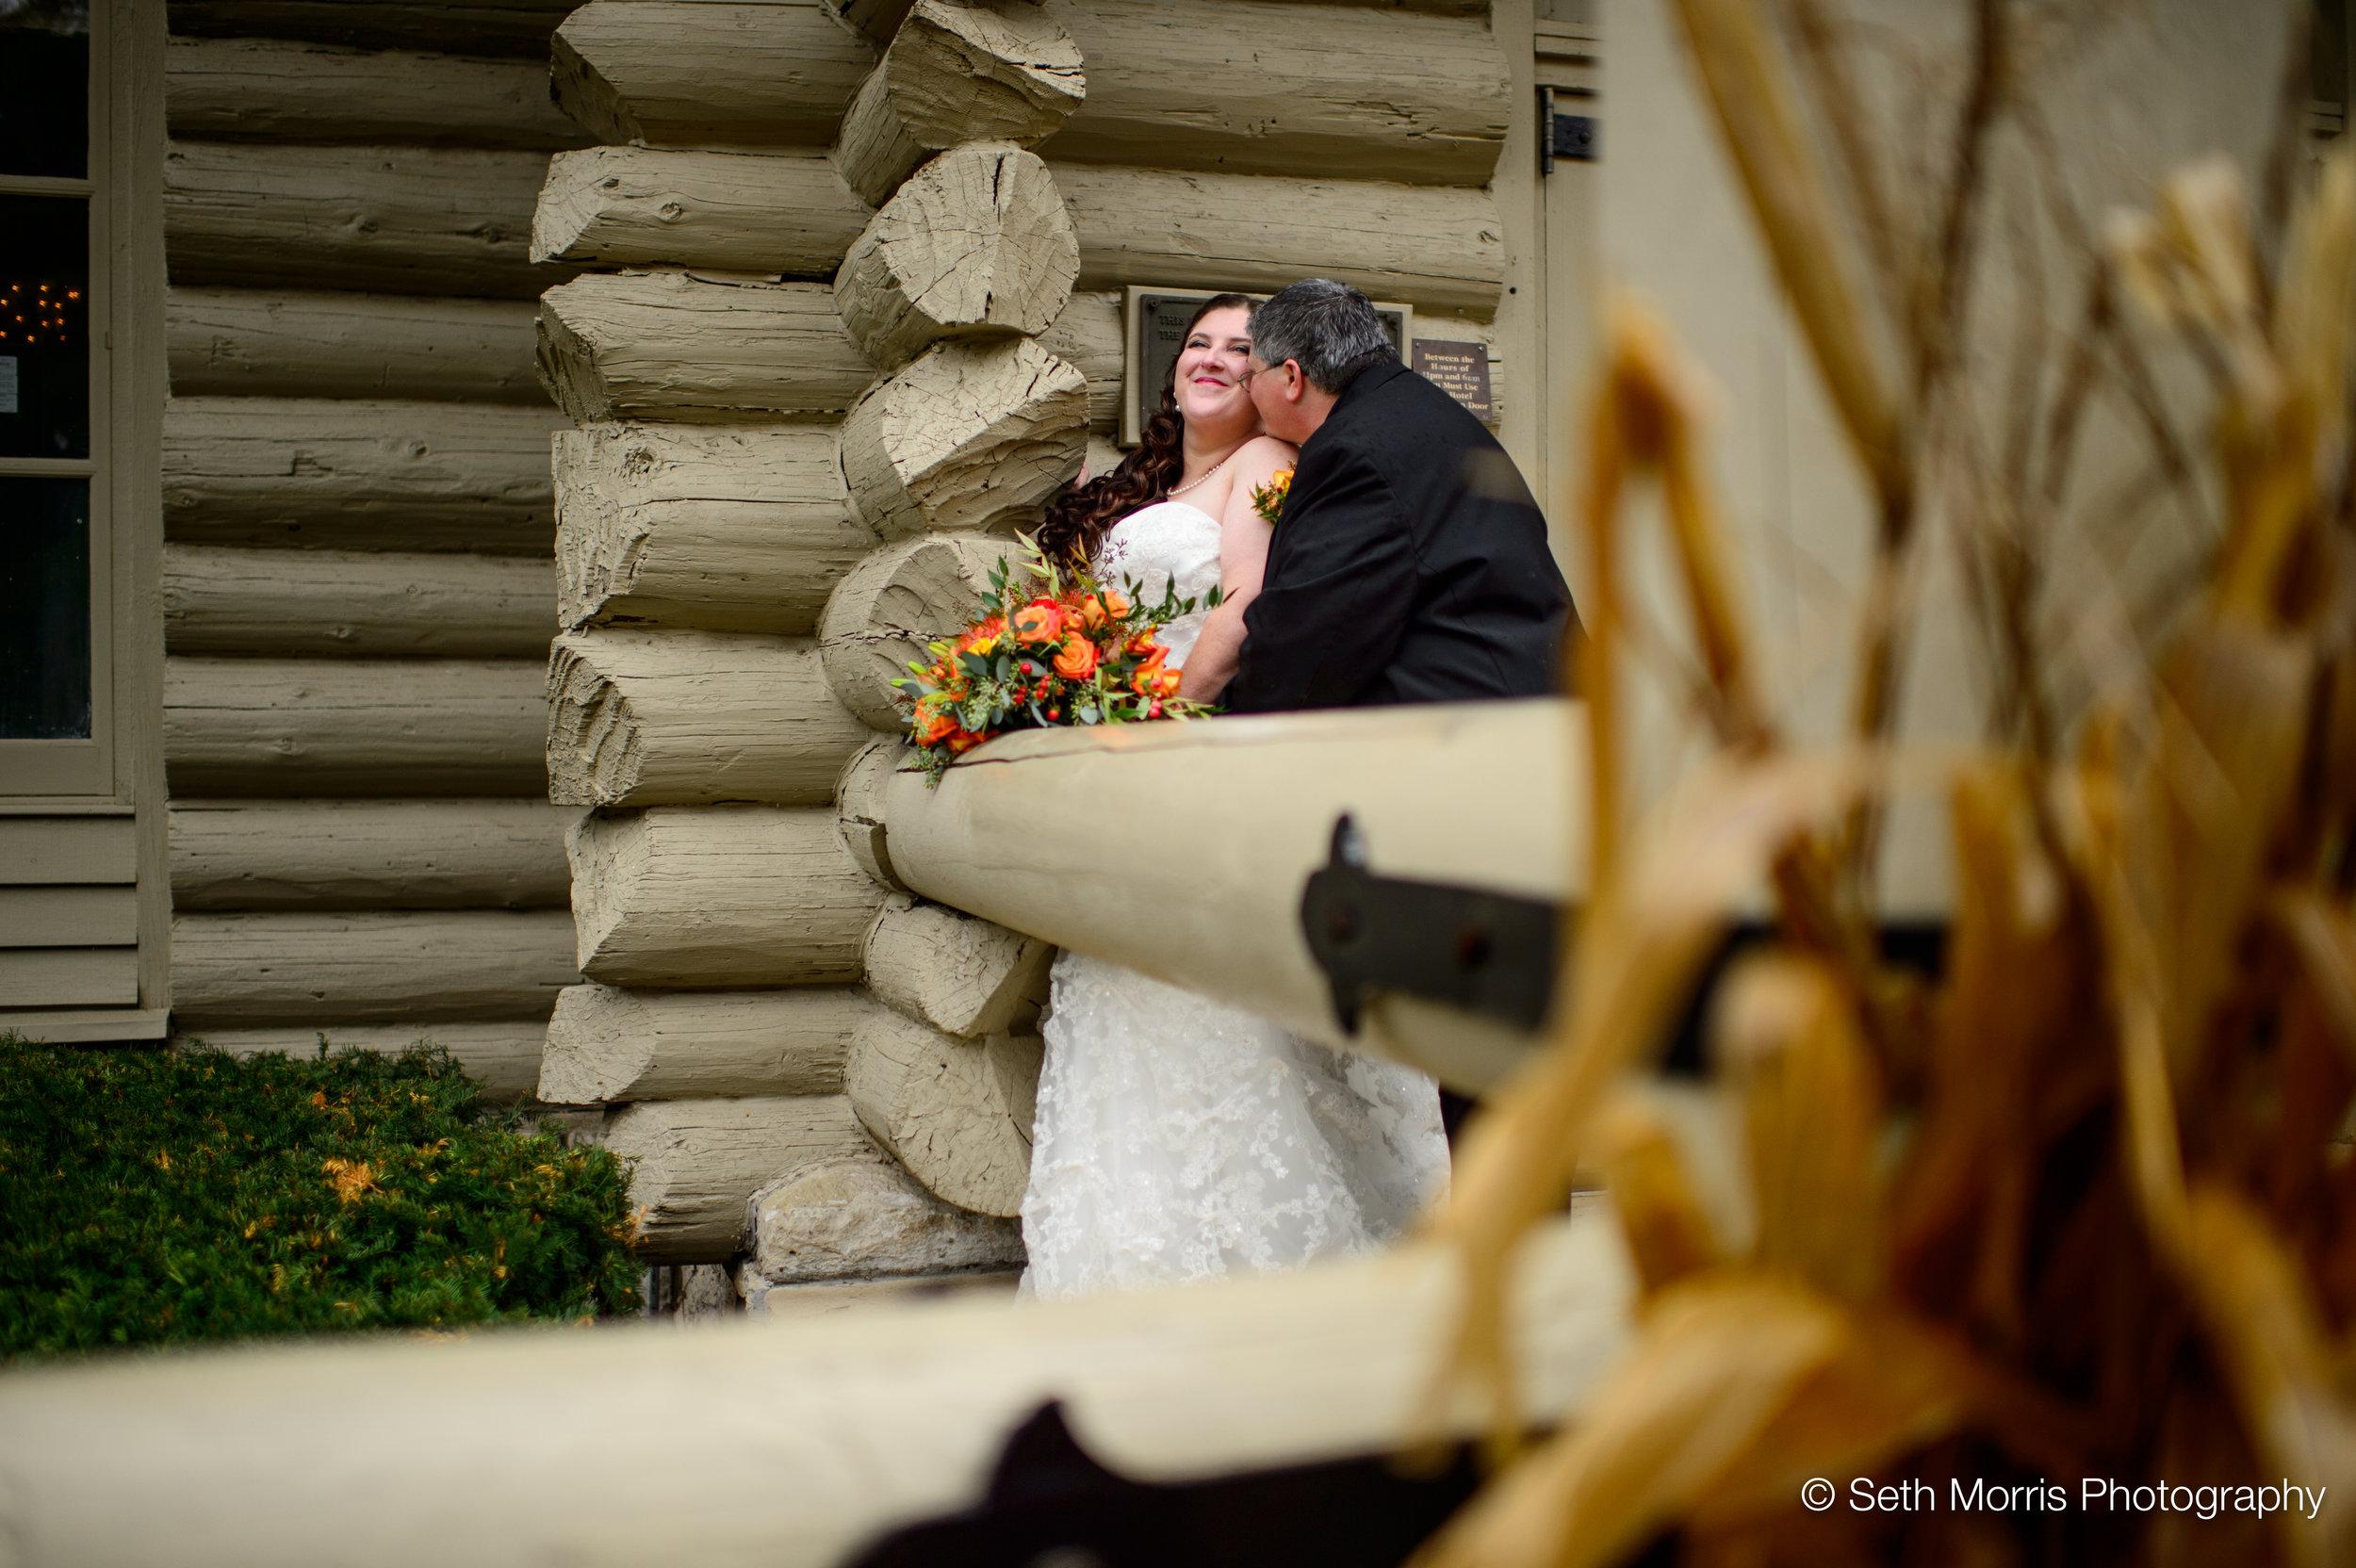 rainy-wedding-day-pictures-5.jpg